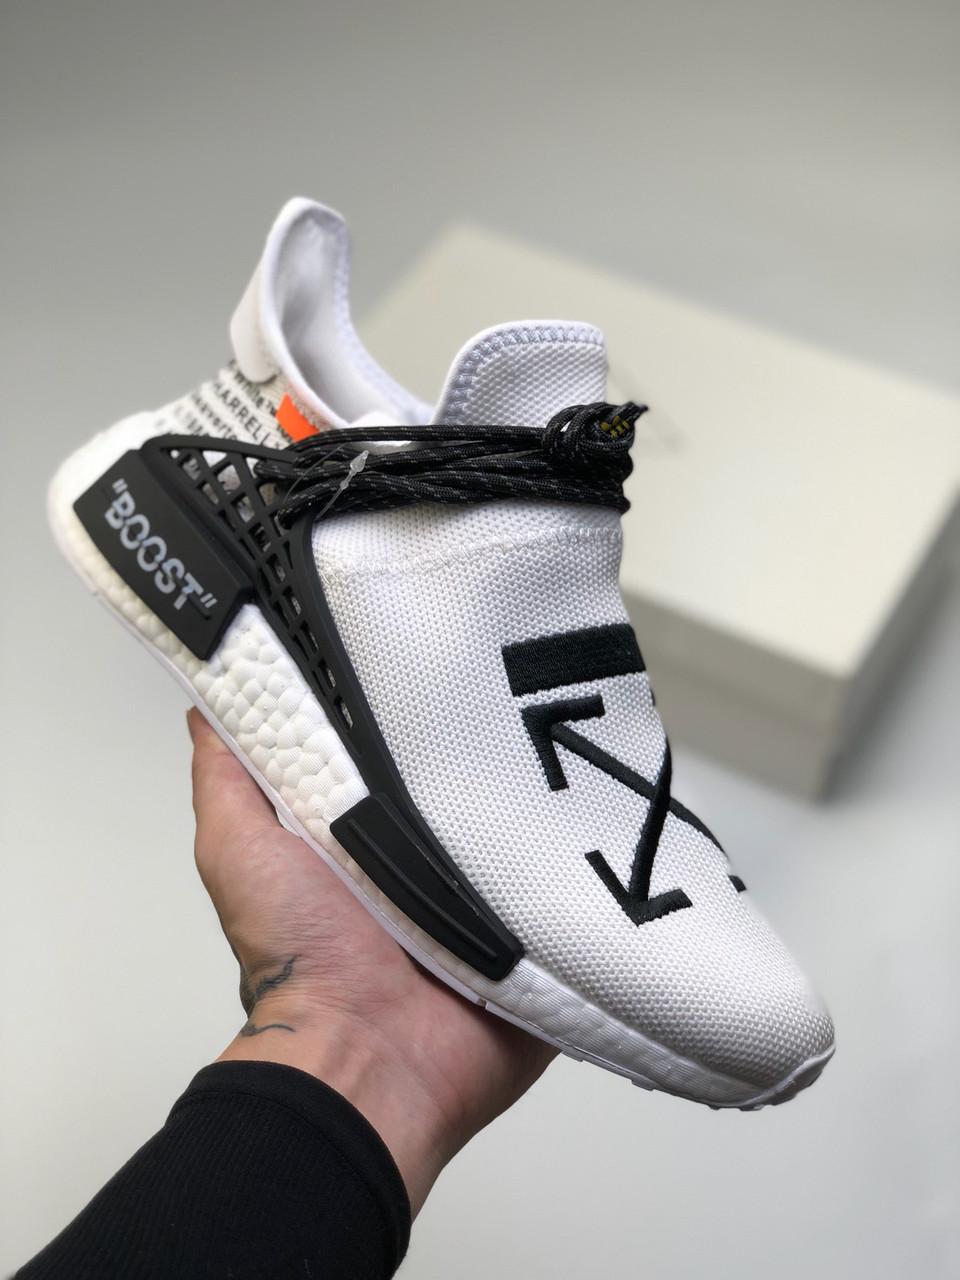 26bf7d7fb Кроссовки Adidas Human Race NMD x Pharrell Williams x Off-White адидас  мужские женские реплика